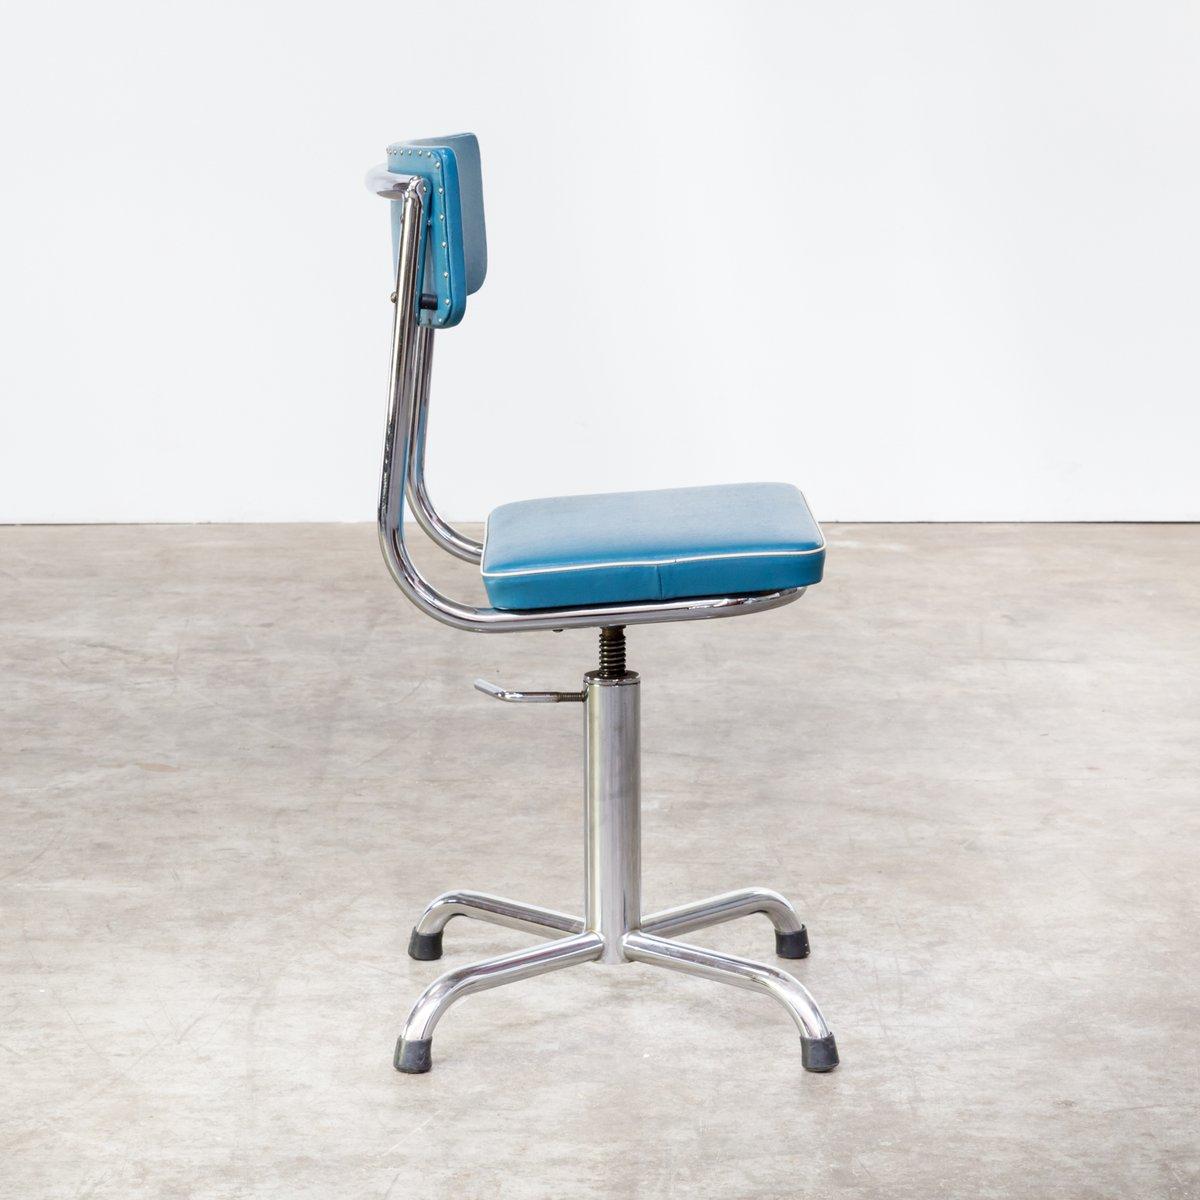 kleiner b rostuhl aus blauem skai mit wei er borte 1960er bei pamono kaufen. Black Bedroom Furniture Sets. Home Design Ideas